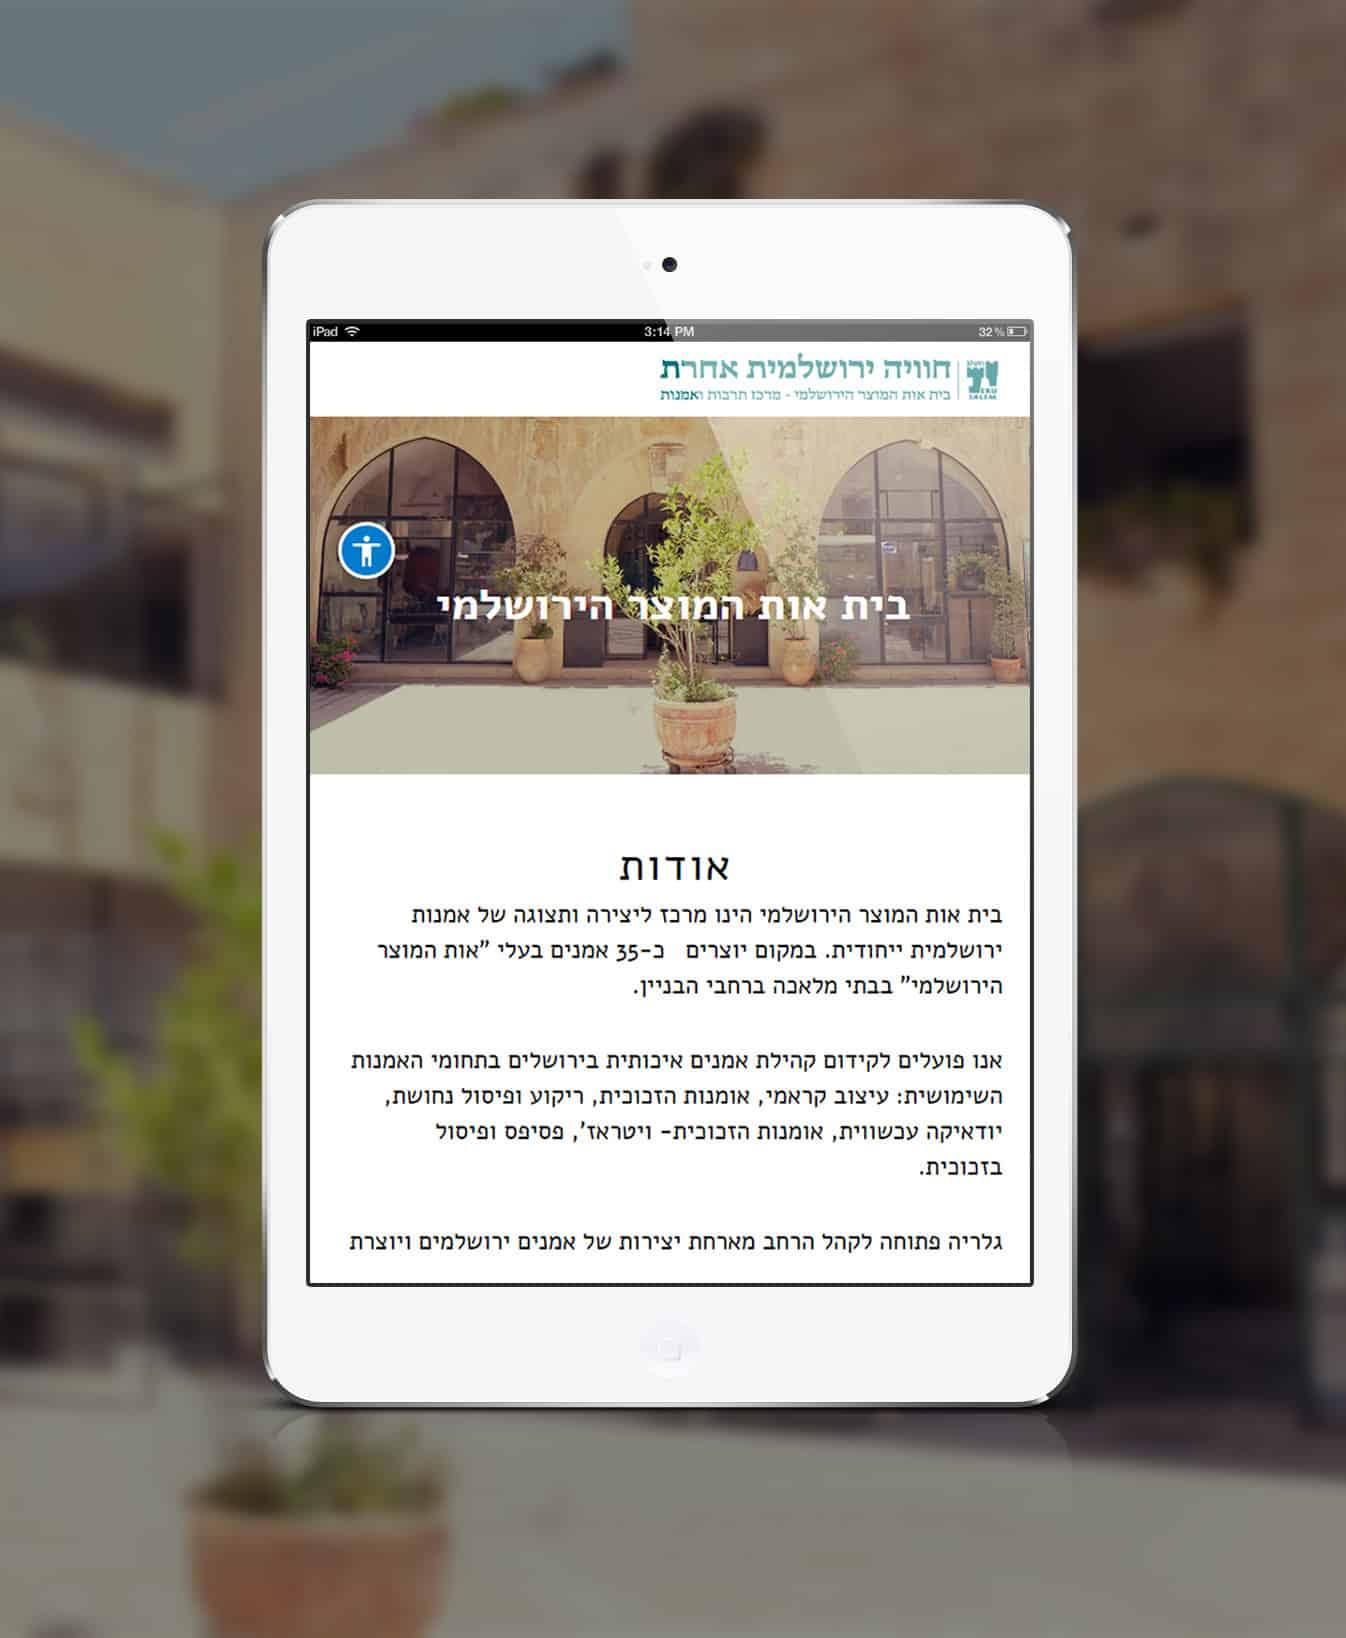 עיצוב ובניית אתר אינטרנט לבית אות המוצר הירושלמי - התאמה לטאבלט